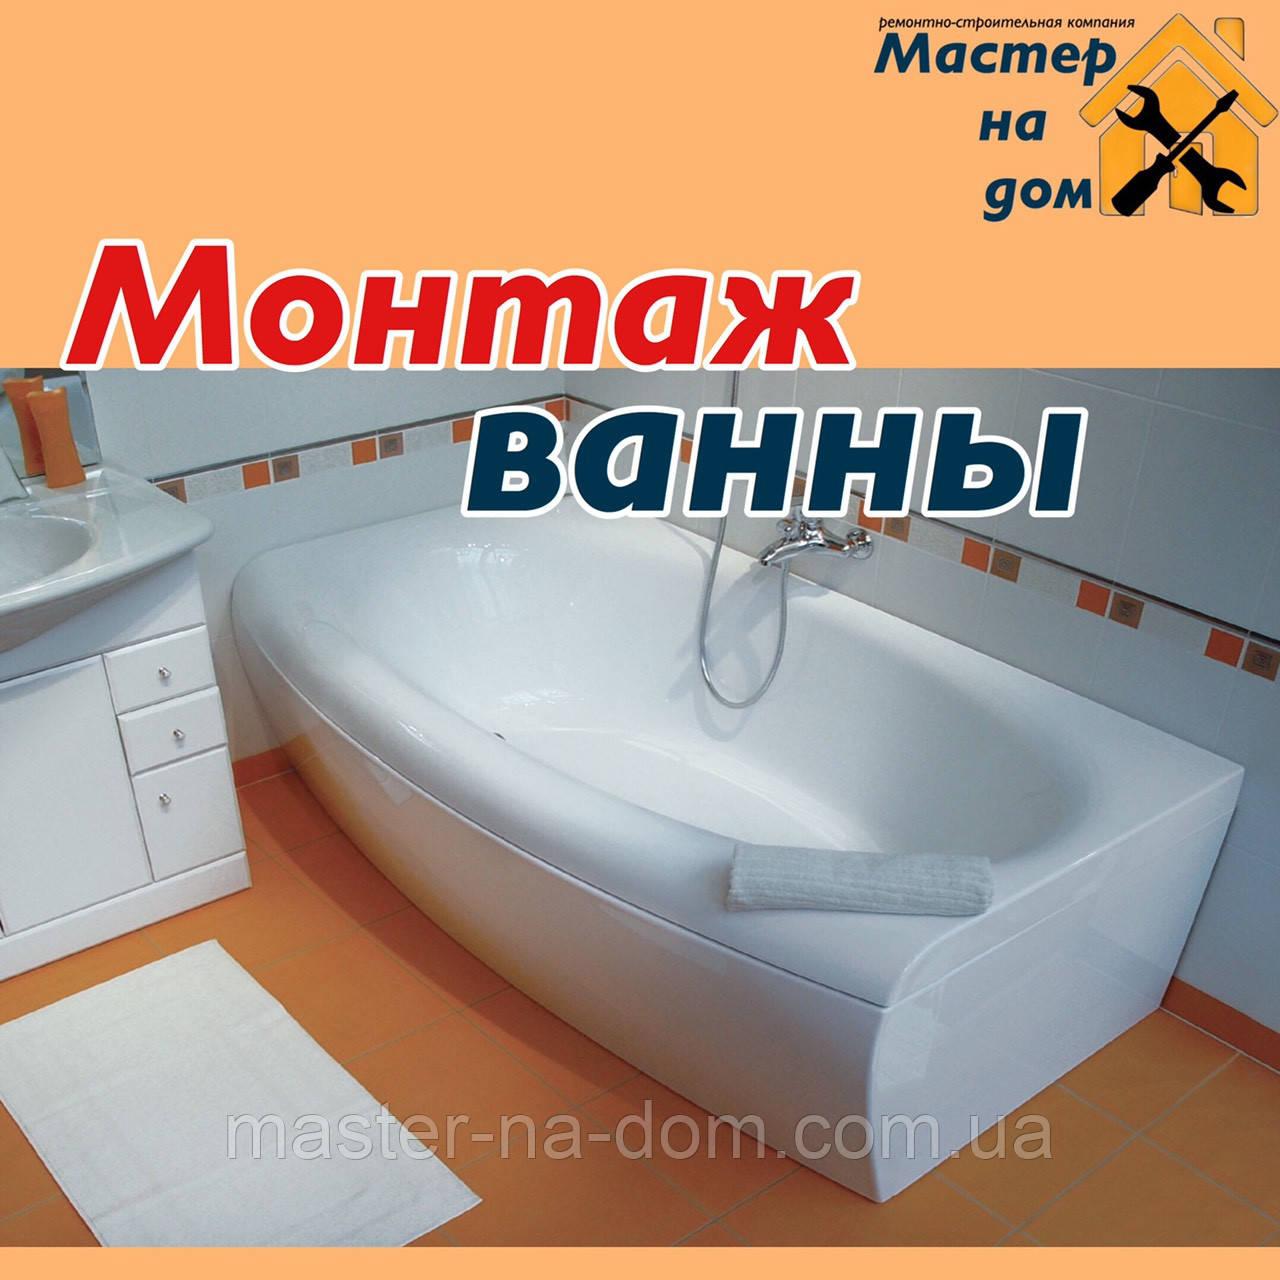 Монтаж ванны в Сумах